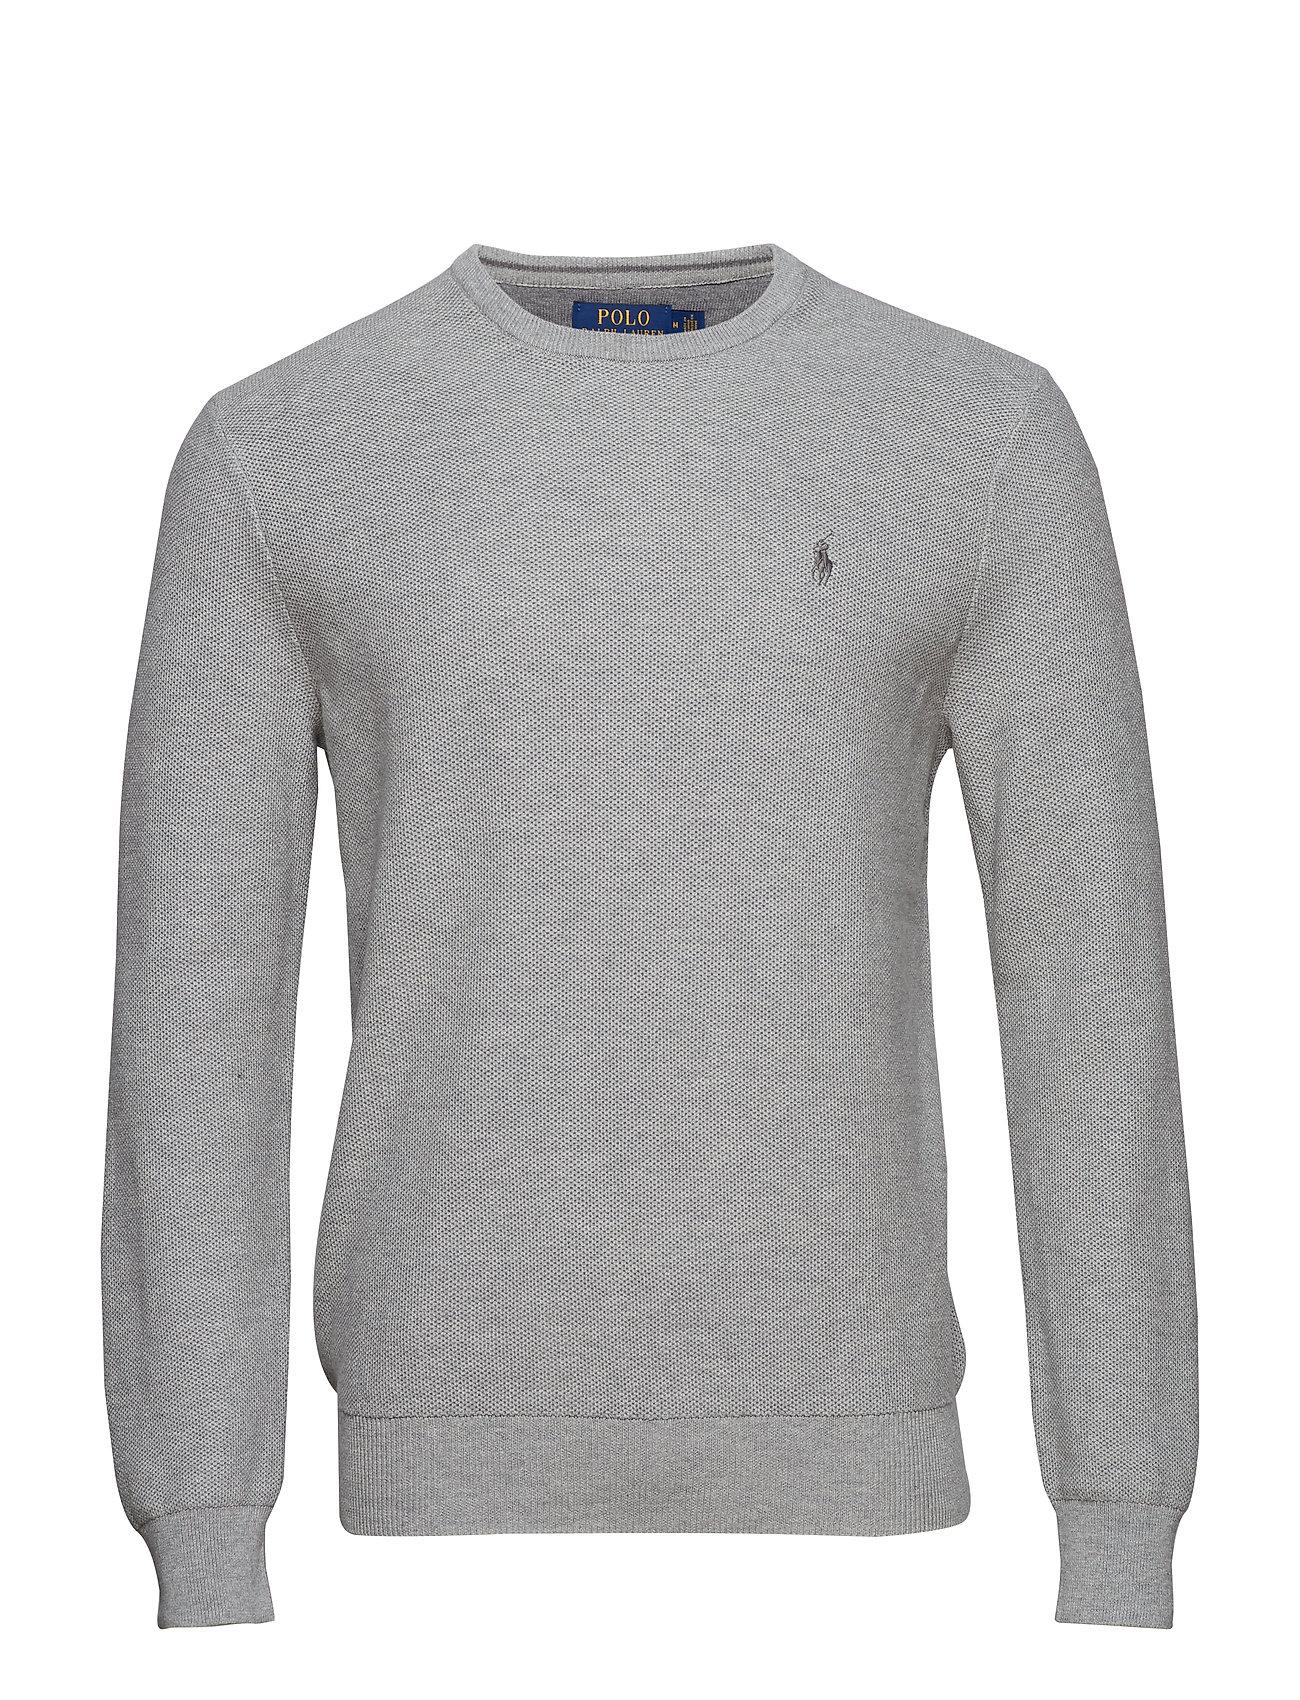 8445012b09a Cotton Crewneck Sweater (Andover Heather) (£87.50) - Polo Ralph ...